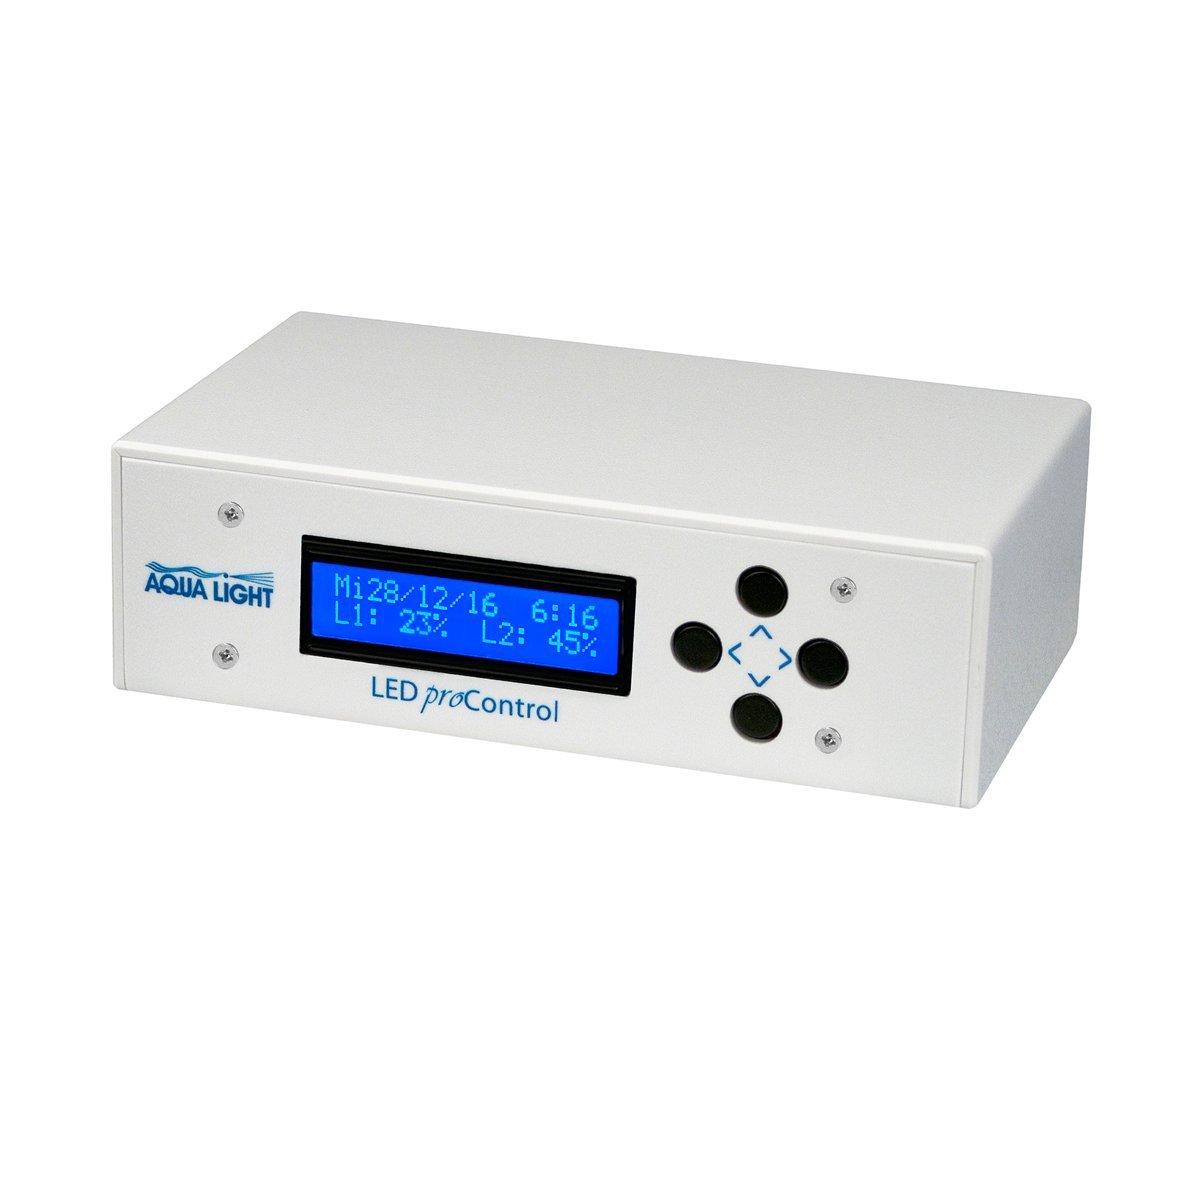 LED proControl, 2-Kanal-Dimm-Steuerung für LED - bis 40Volt / bis 6A